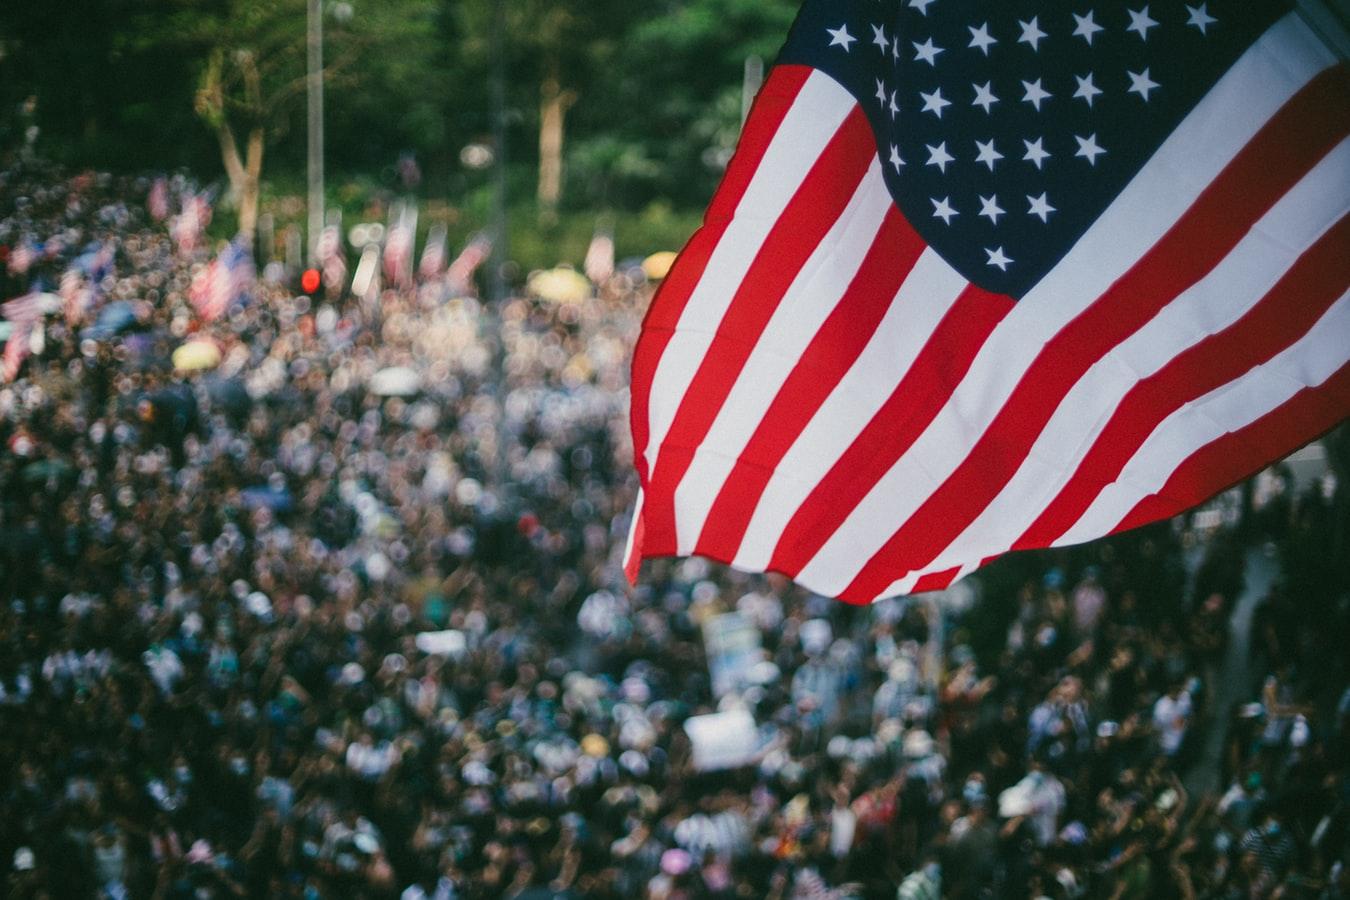 Drapeau américain flottant au dessus d'une foule.